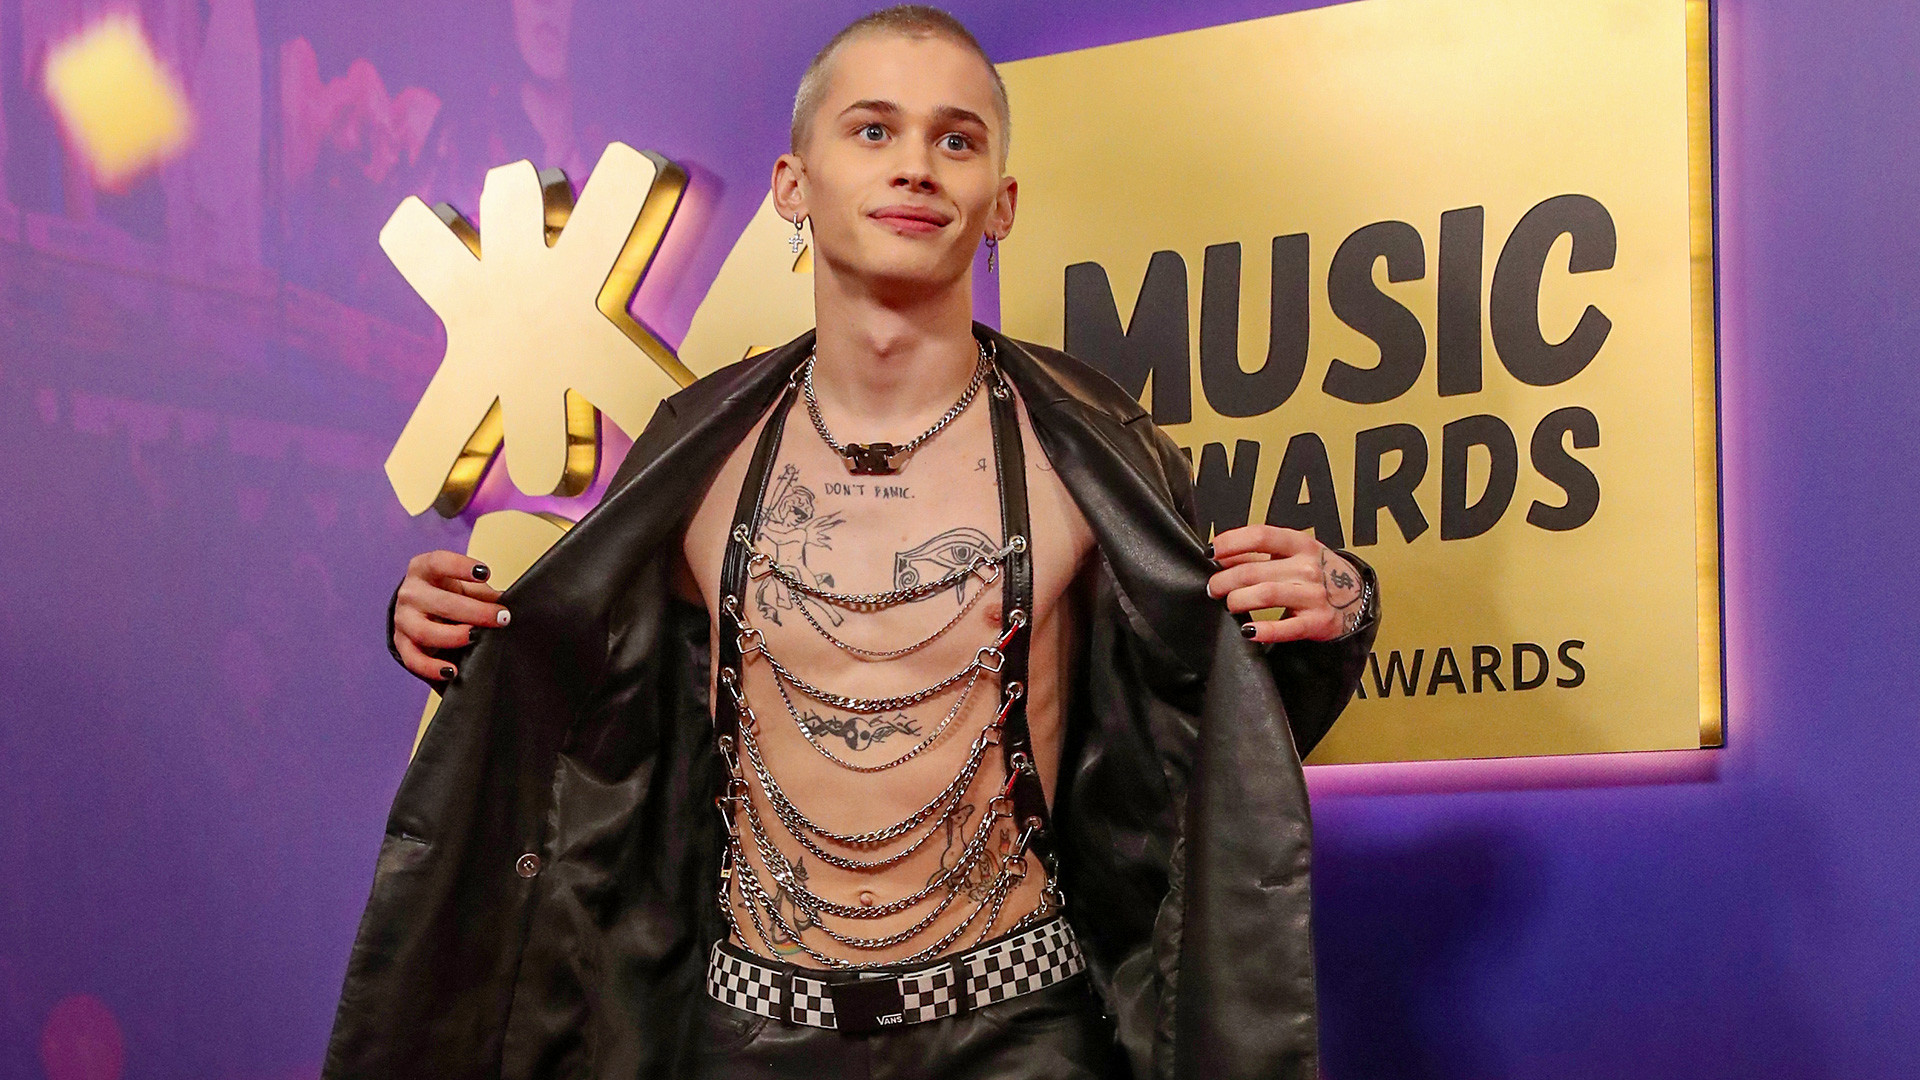 """Дања Милохин, блогер и репер, позира пре церемоније уручења музичке награде ЖАРА MUSIC AWARDS 2021 у дворани """"Крокус Сити"""", 4. април 2021, Московска област, Русија."""